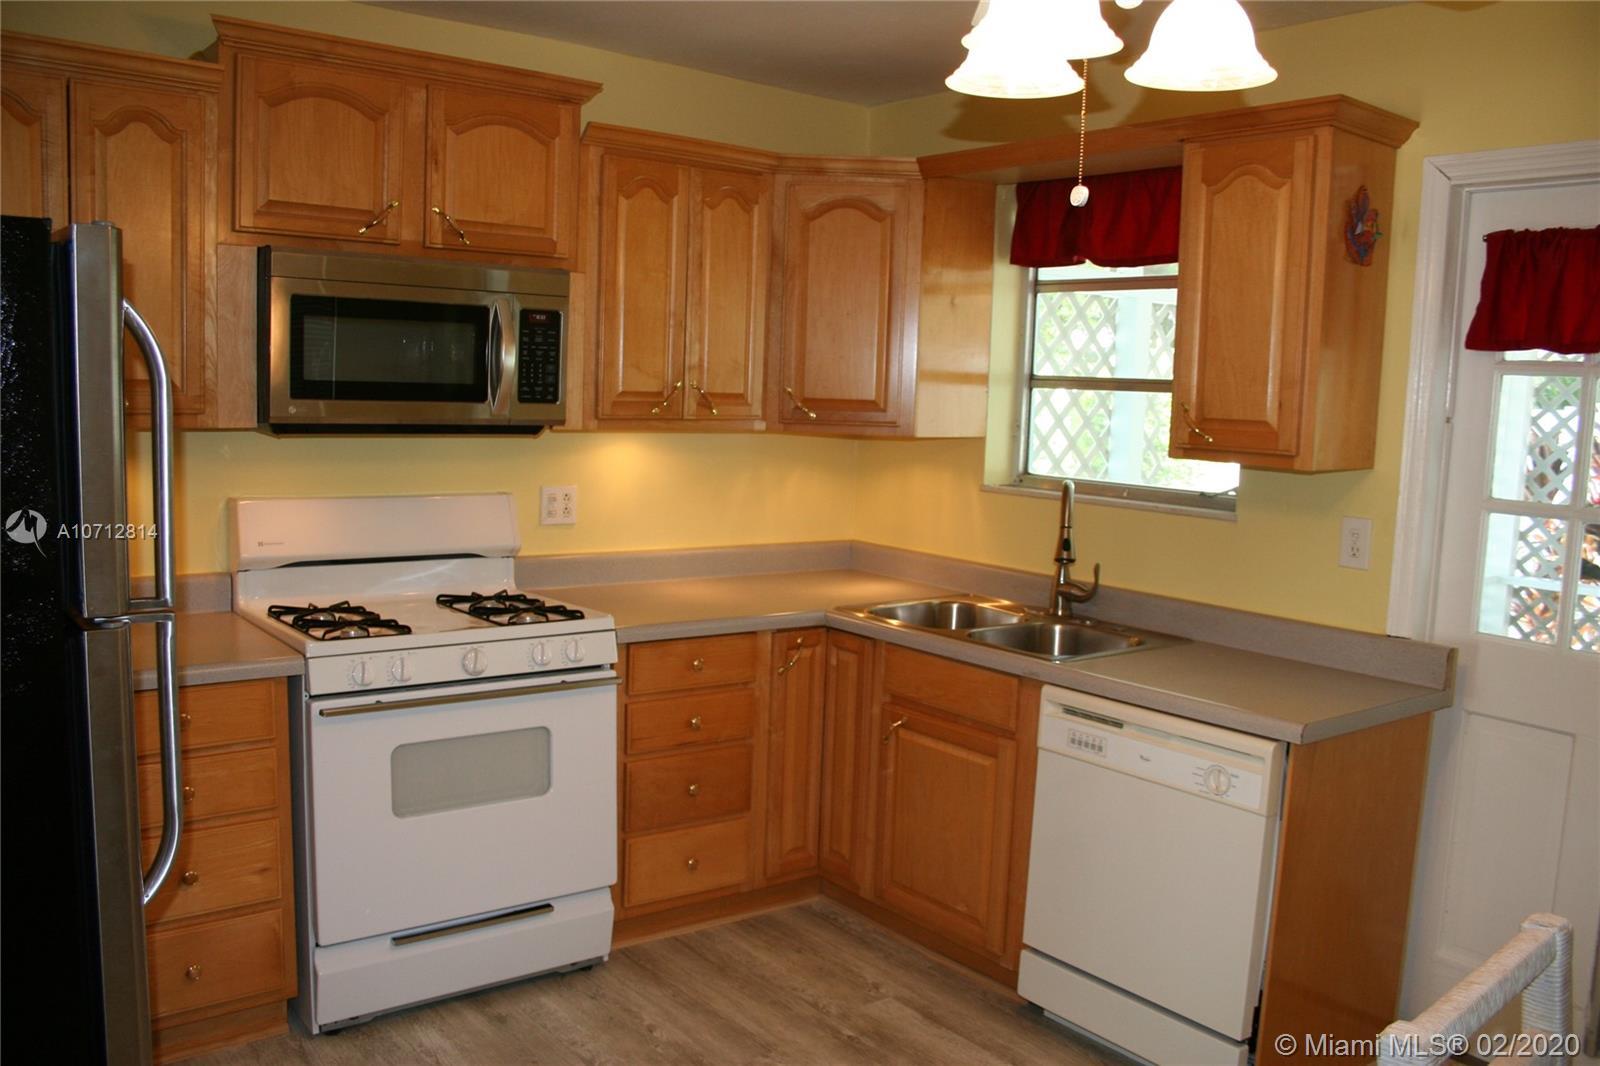 32 Transylvania, Key Largo, FL 33037 - Key Largo, FL real estate listing